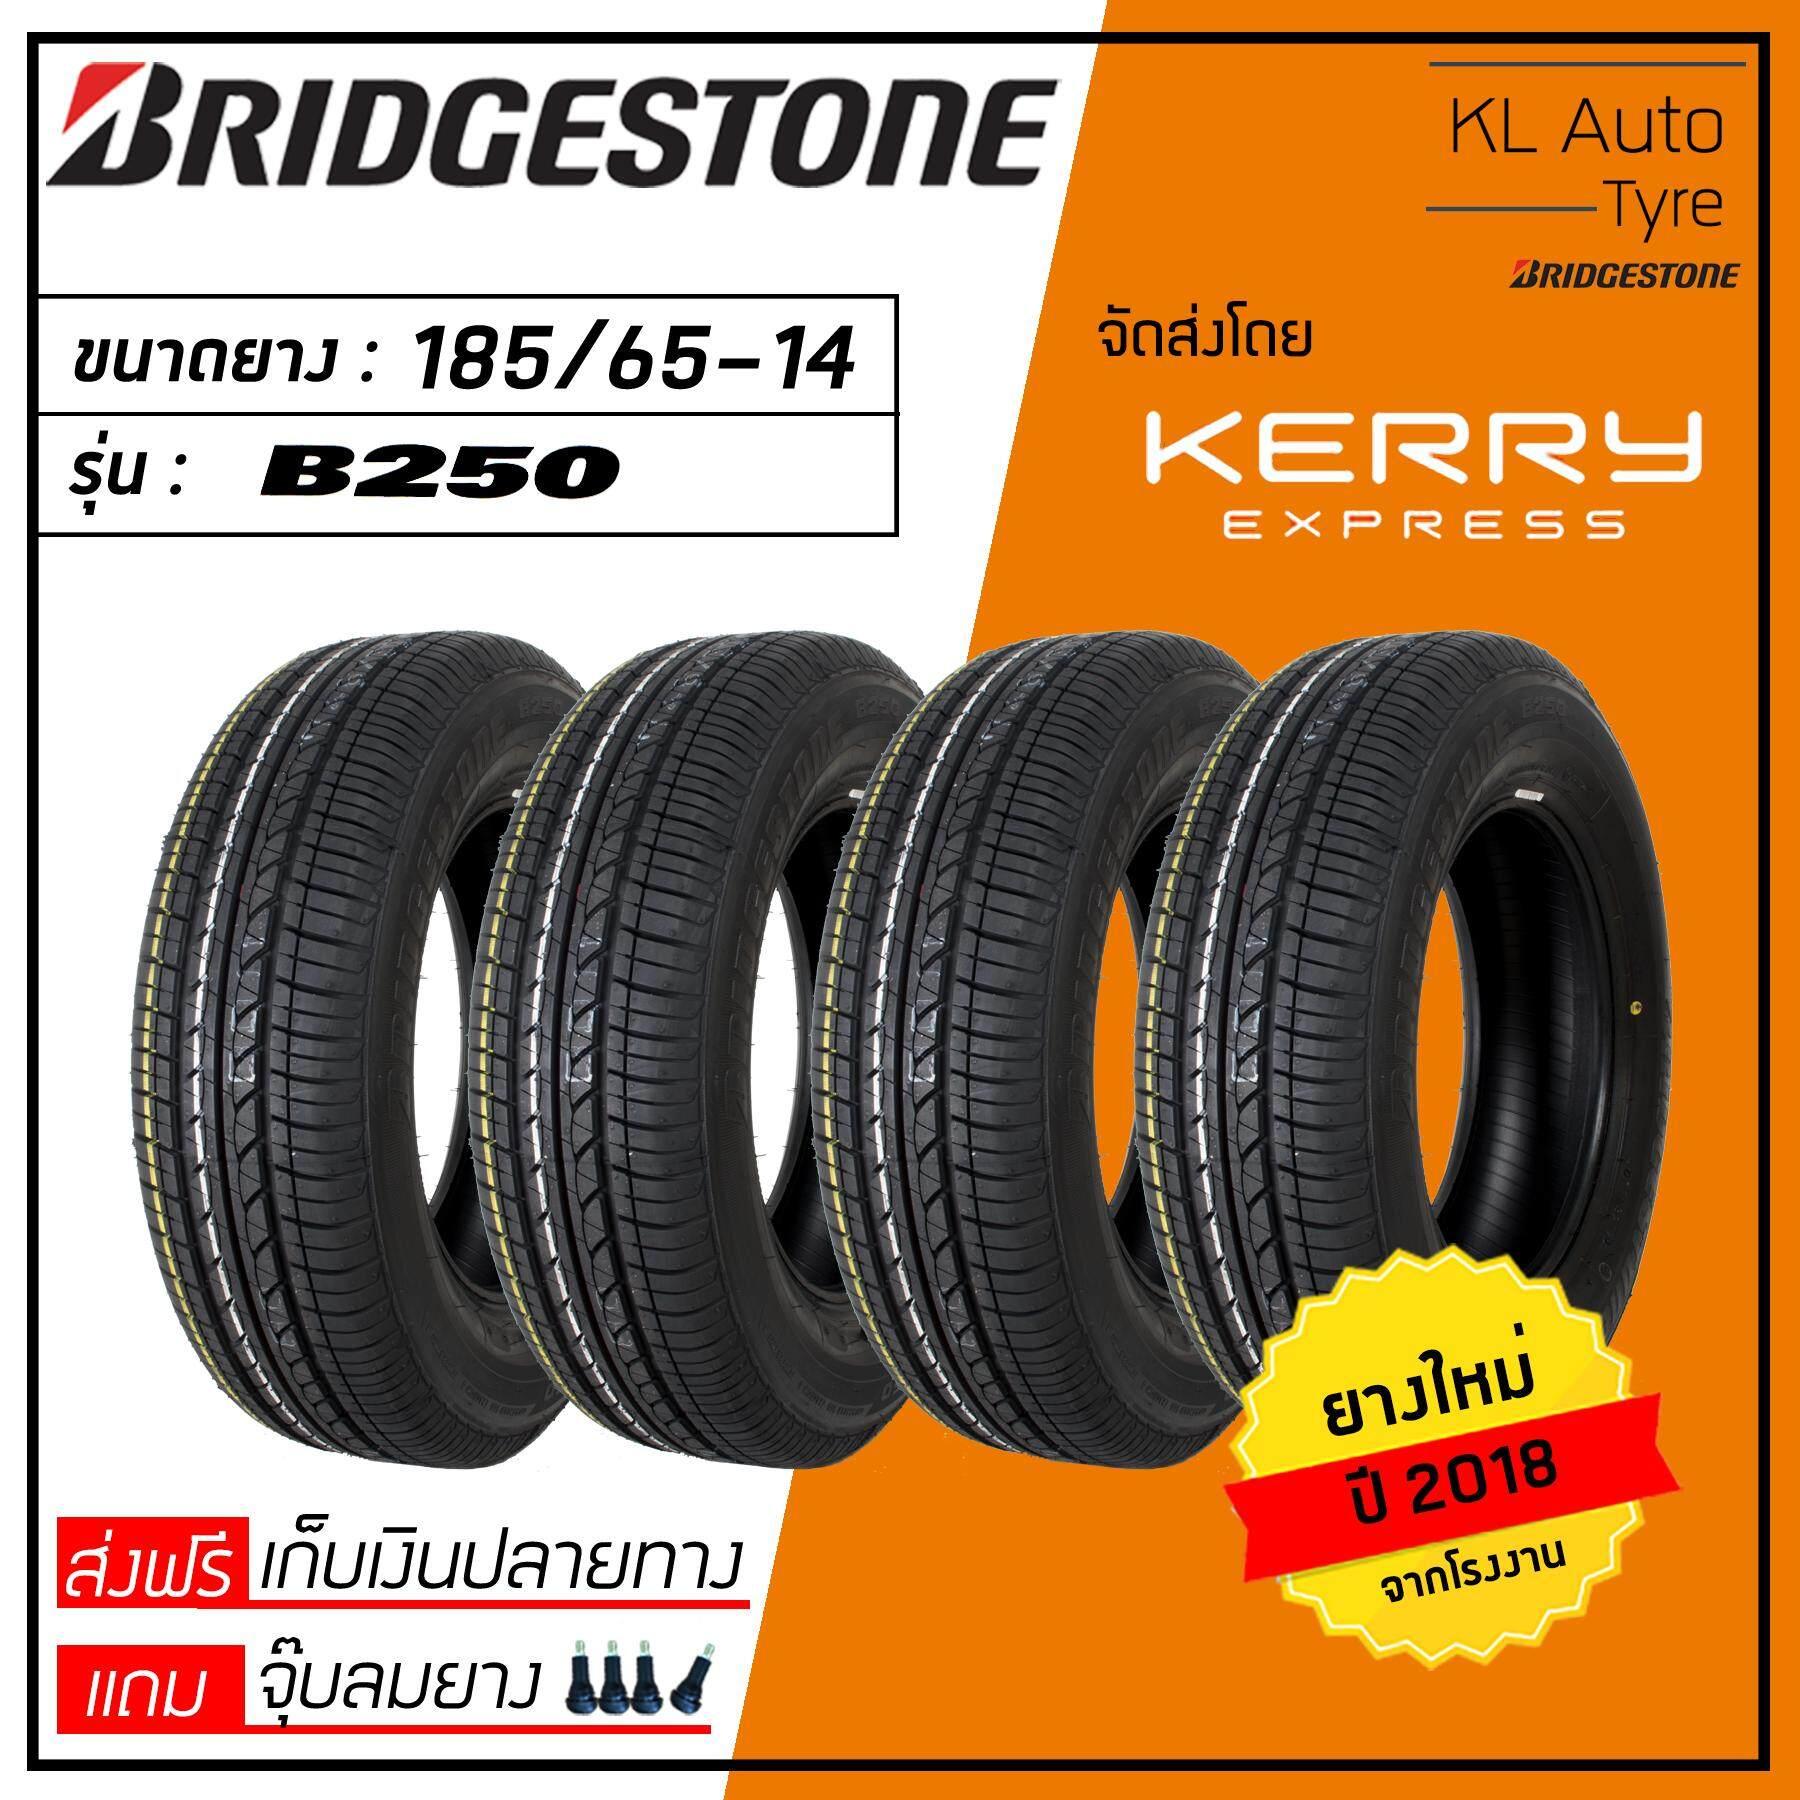 ประกันภัย รถยนต์ 2+ แพร่ Bridgestone 185/65-14 B250 4 เส้น ปี 18 (ฟรี จุ๊บยาง 4 ตัว มูลค่า 200 บาท)